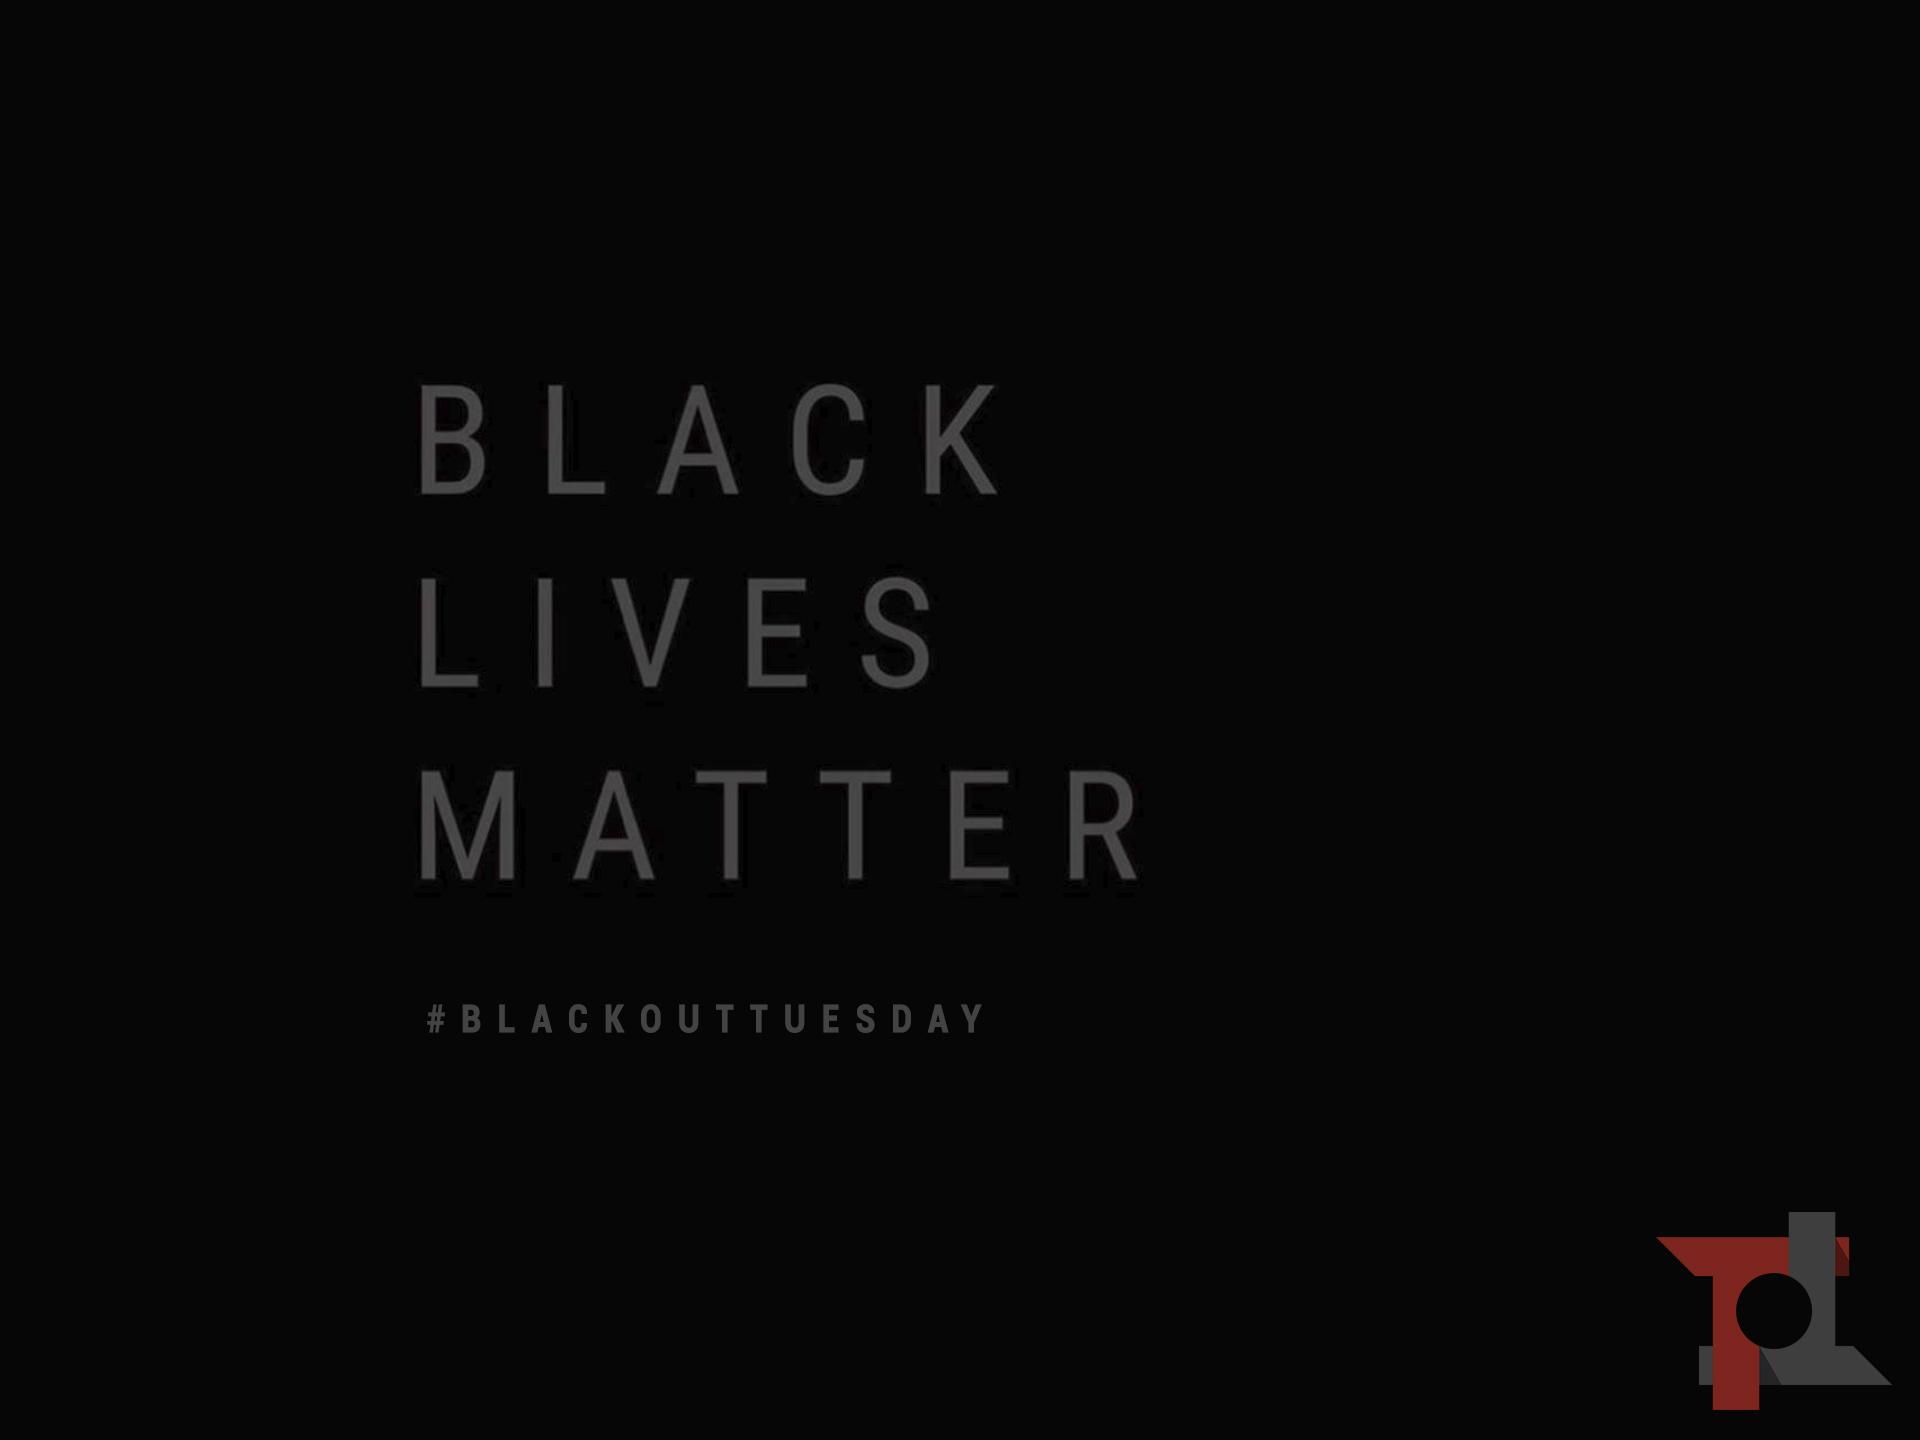 Perché sui social stanno spopolando immagini nere